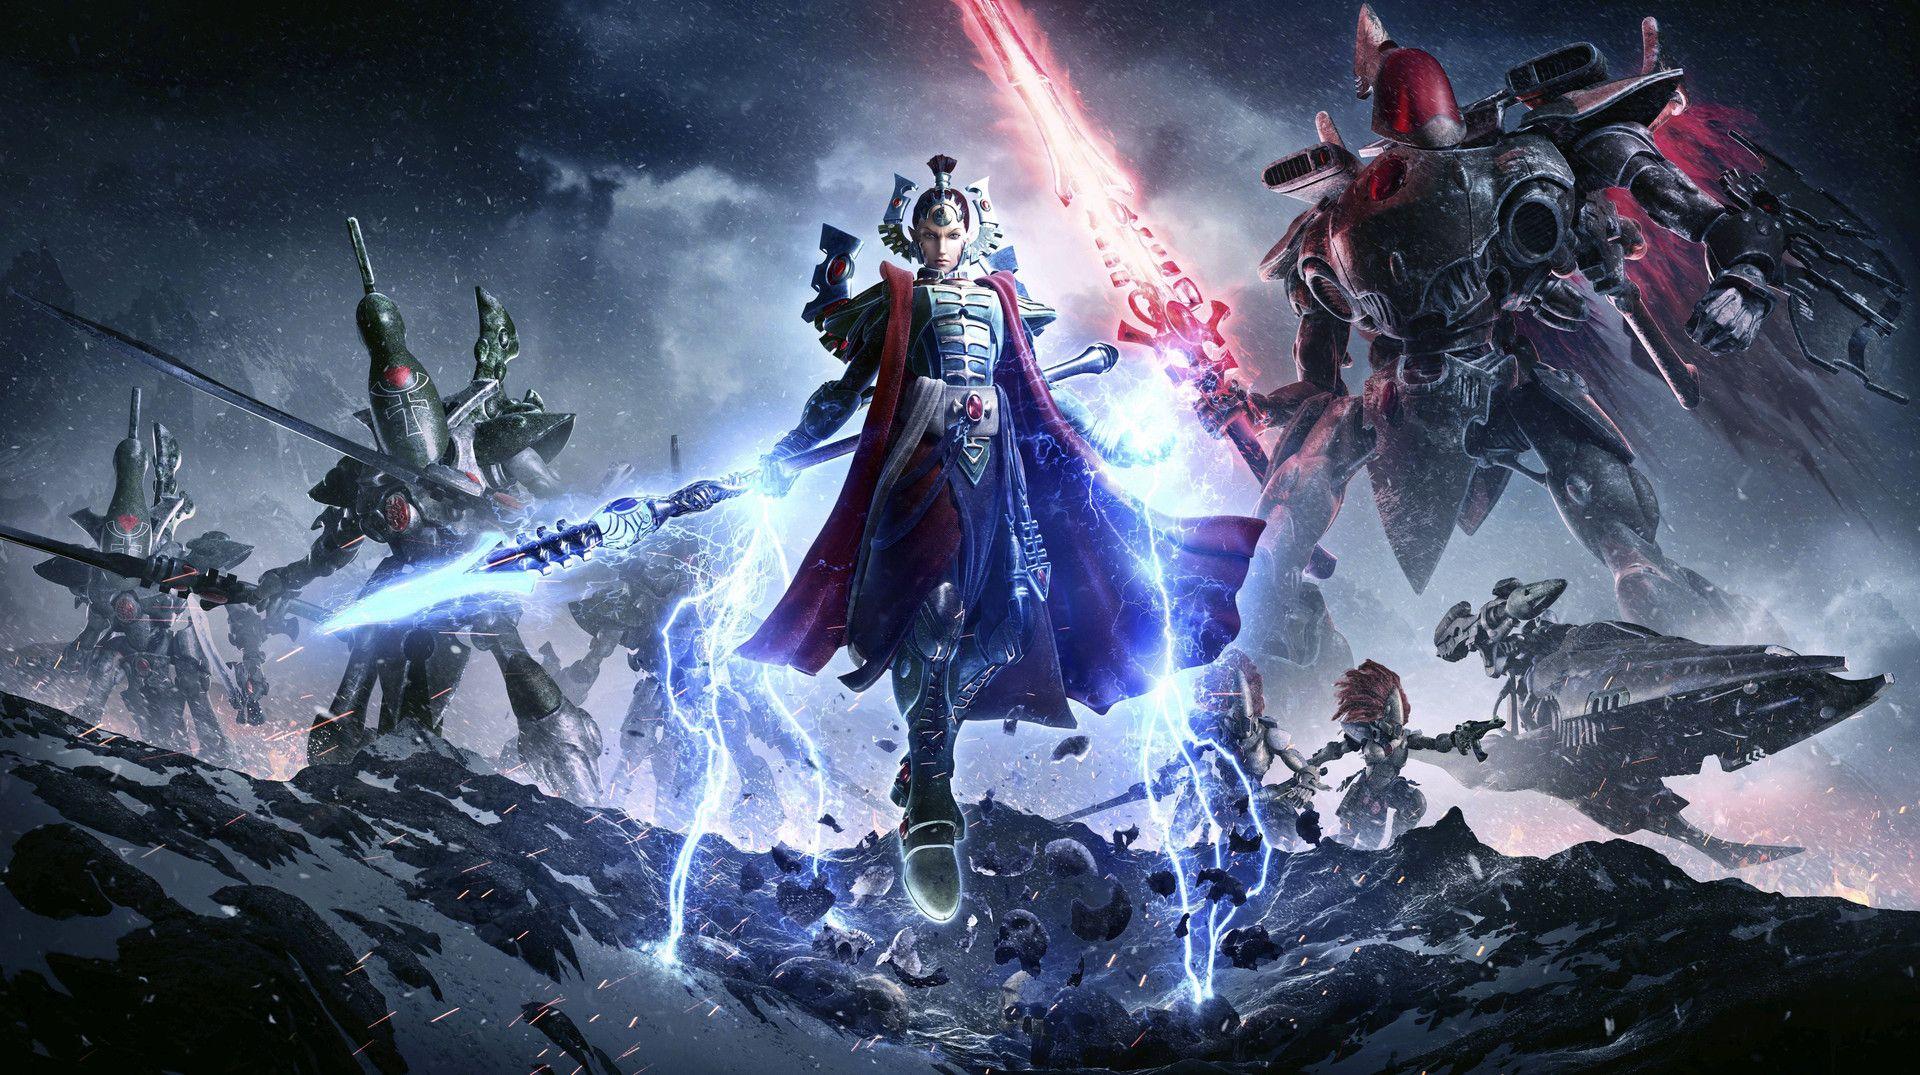 ArtStation - Warhammer 40k: Dawn of War 3 - Eldar Key Art, Petur Arnorsson  | Warhammer 40k, Warhammer, Warhammer eldar